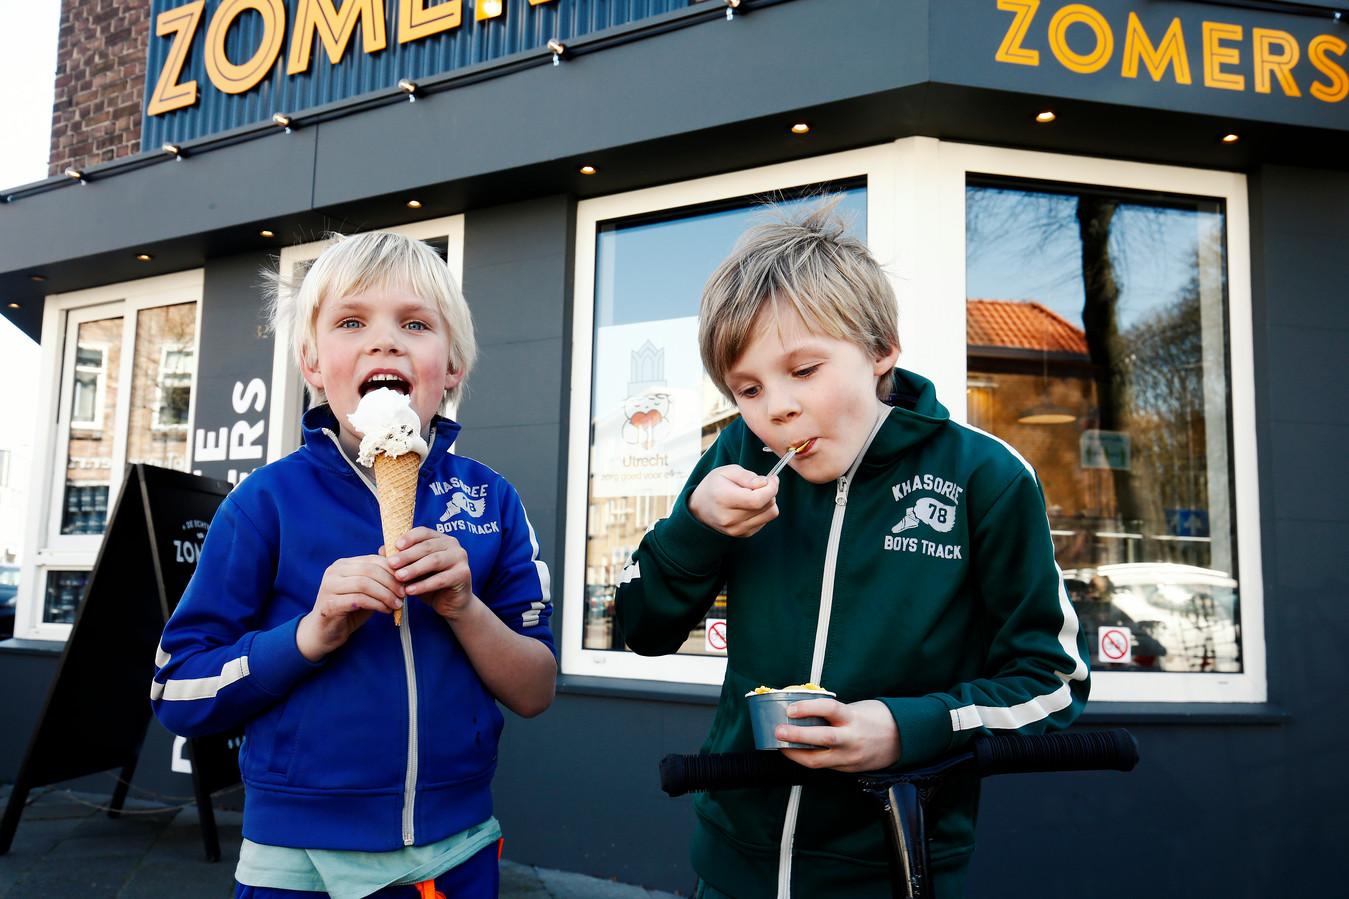 De broertjes Thijs (6) en Koen (8) scoren een ijsje bij Zomers.